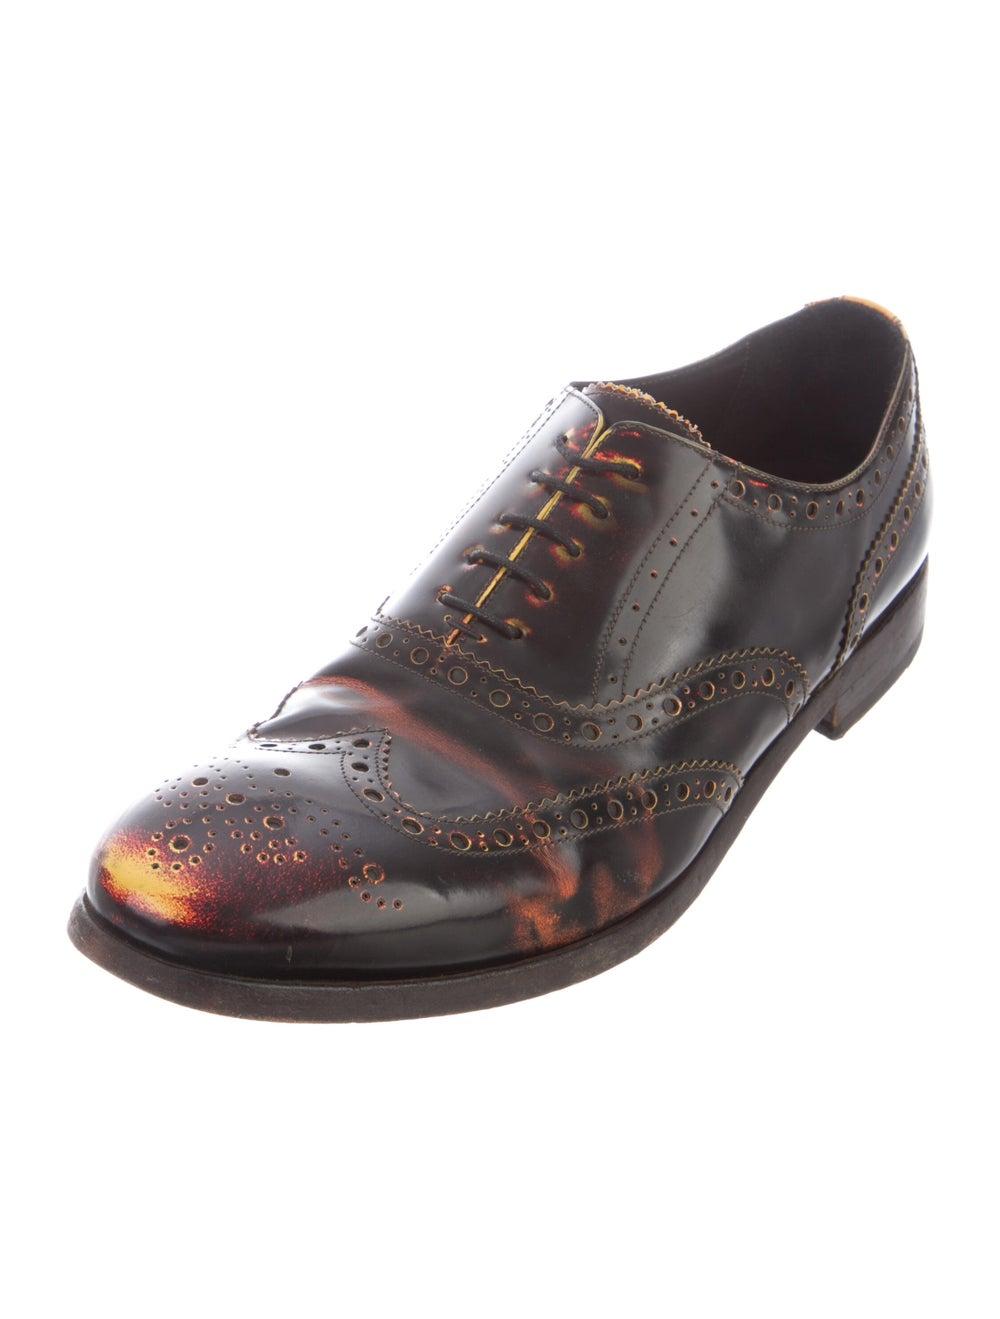 Paul Smith Burnished Leather Leather Spectators B… - image 2